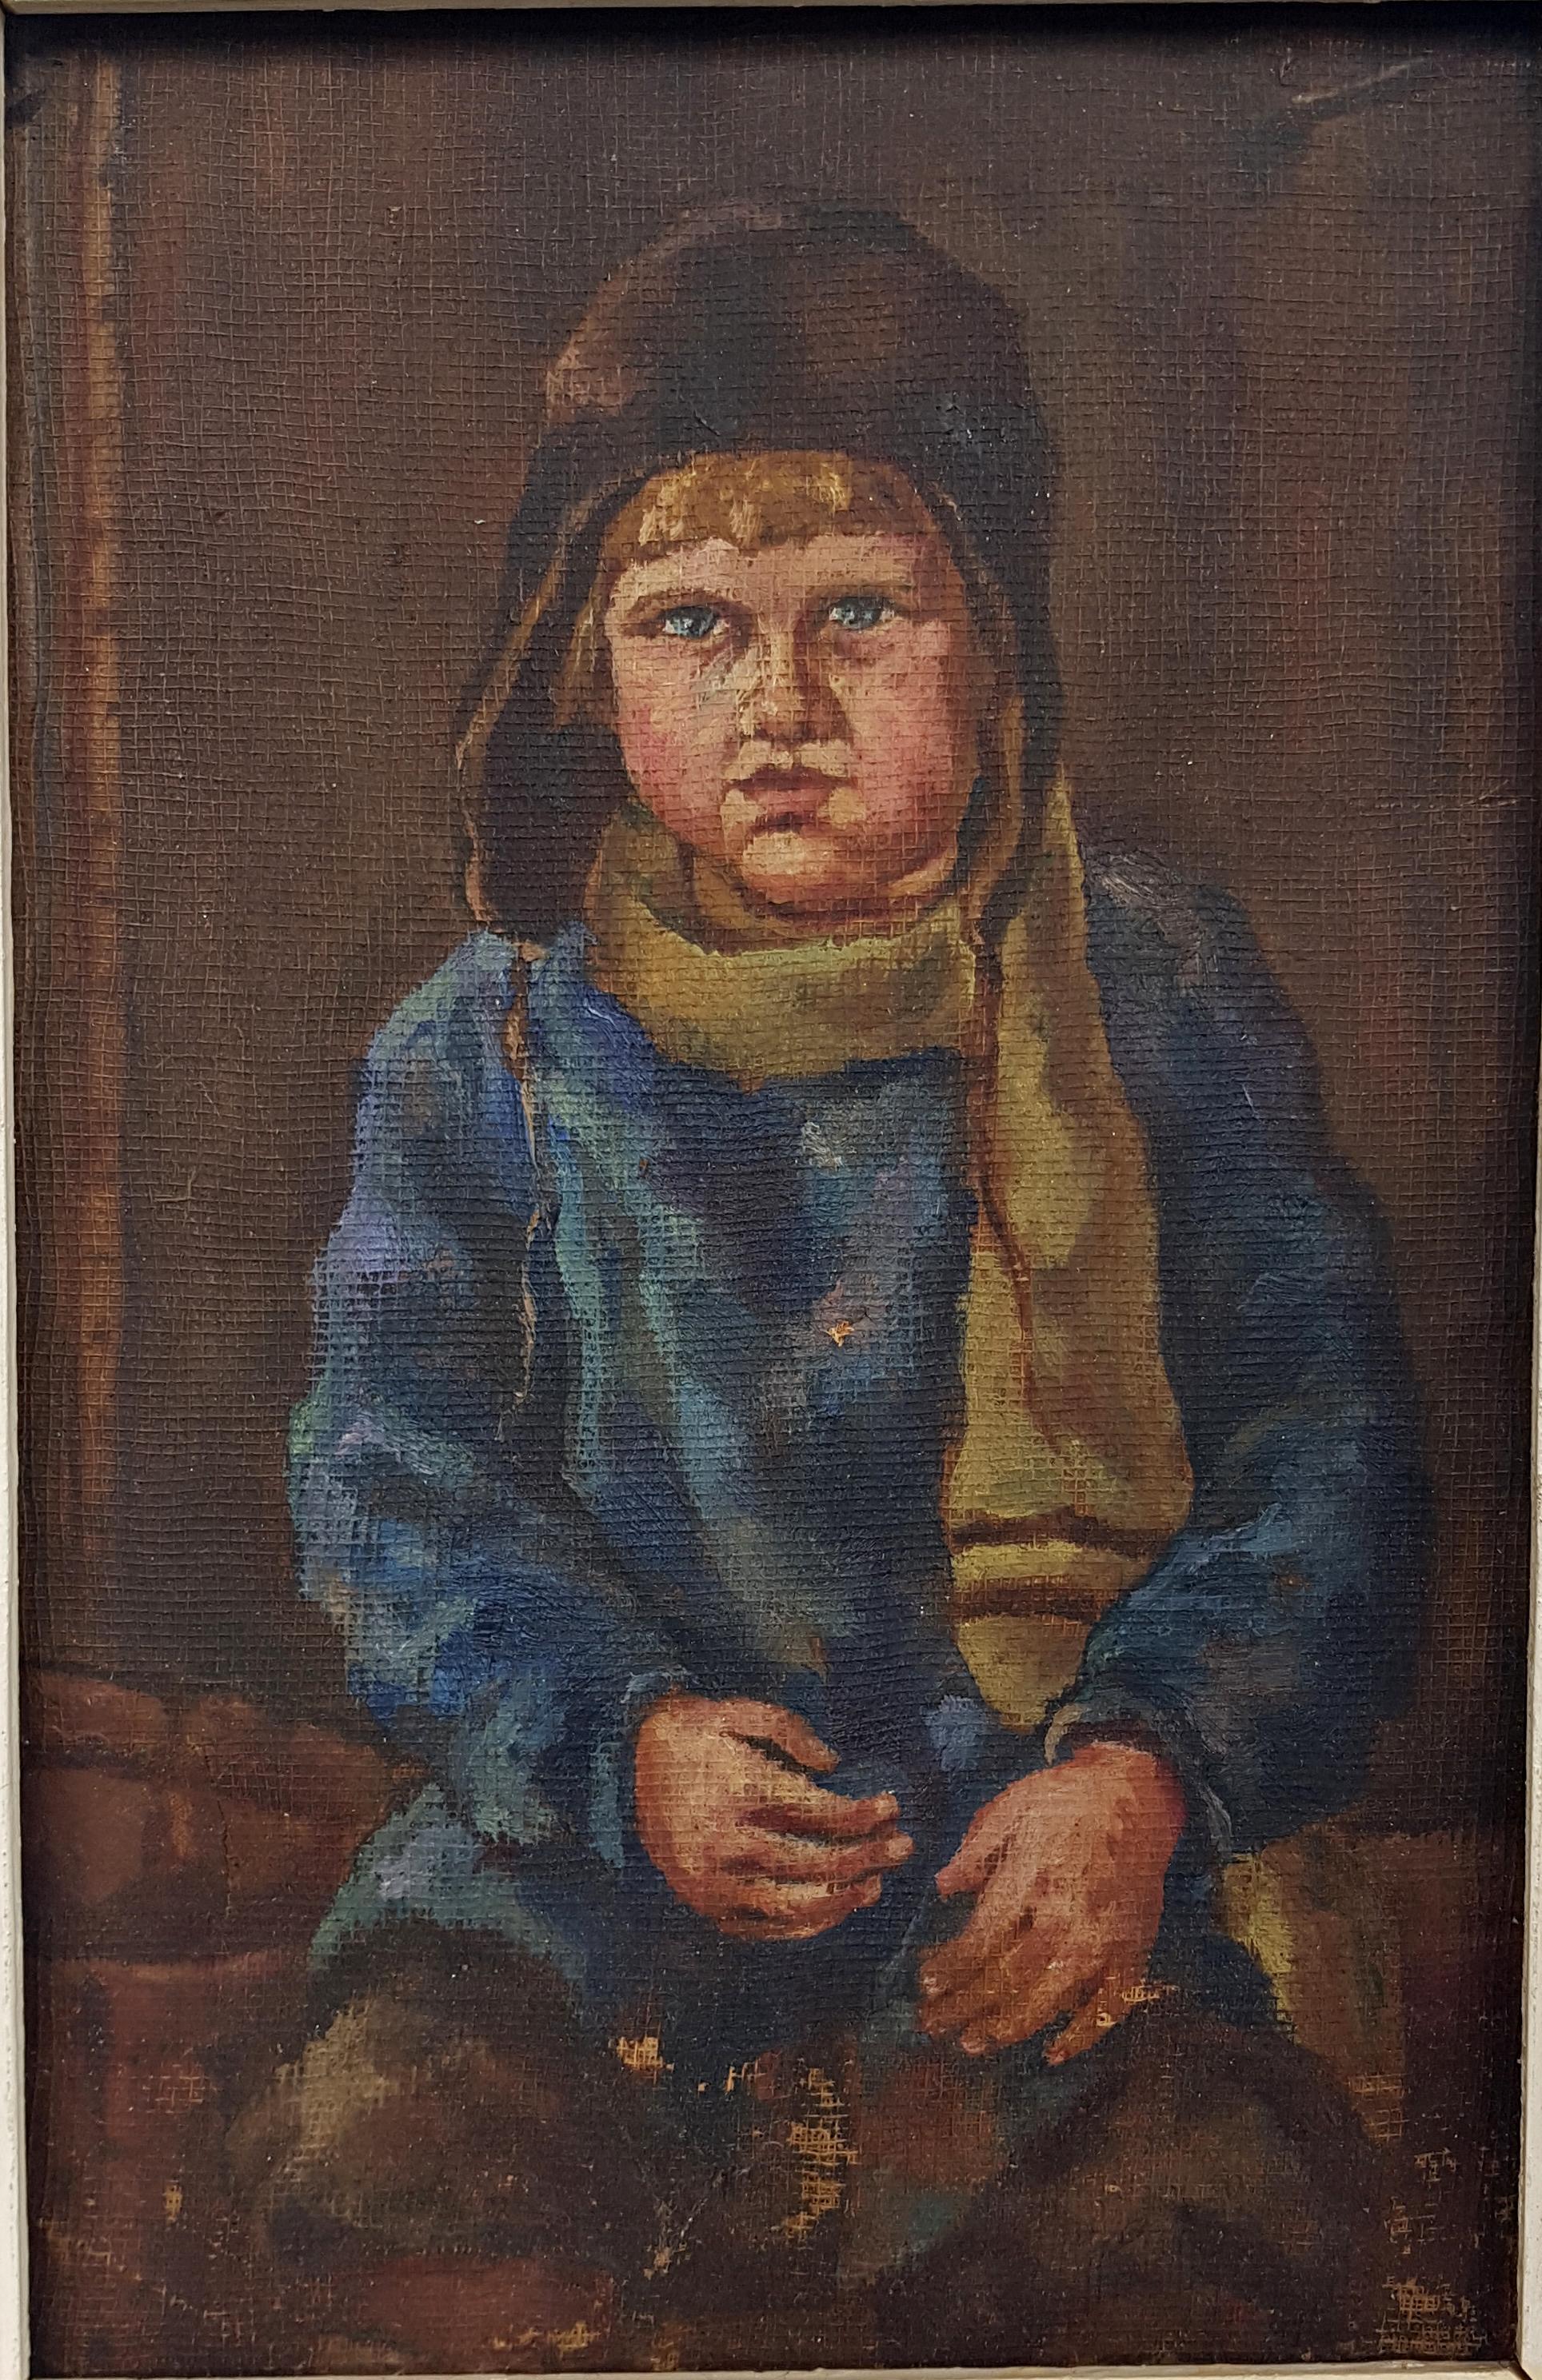 Galochka Anohina